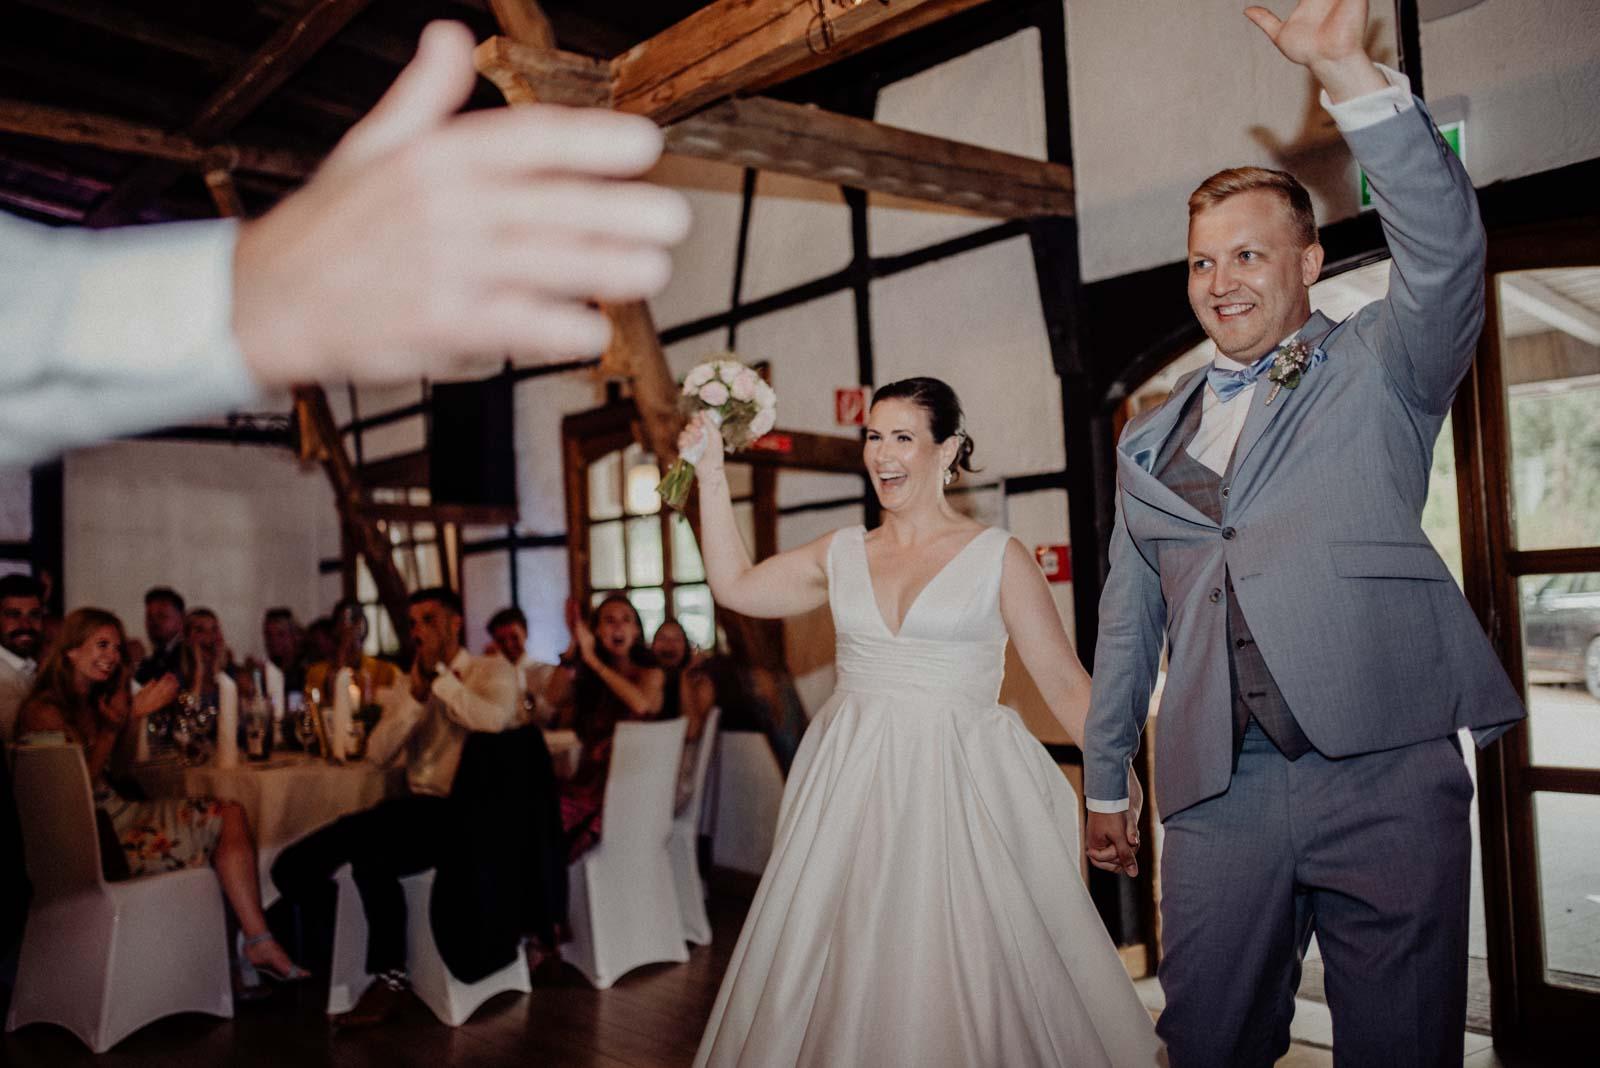 Einzug des Brautpaares in die Partyscheune